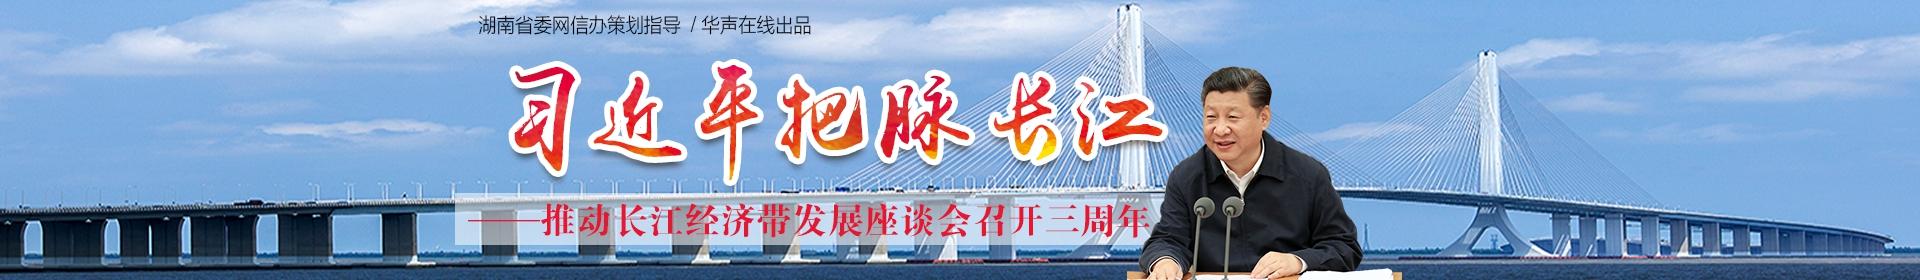 习近平把脉长江——推动长江经济带发展座谈会召开三周年